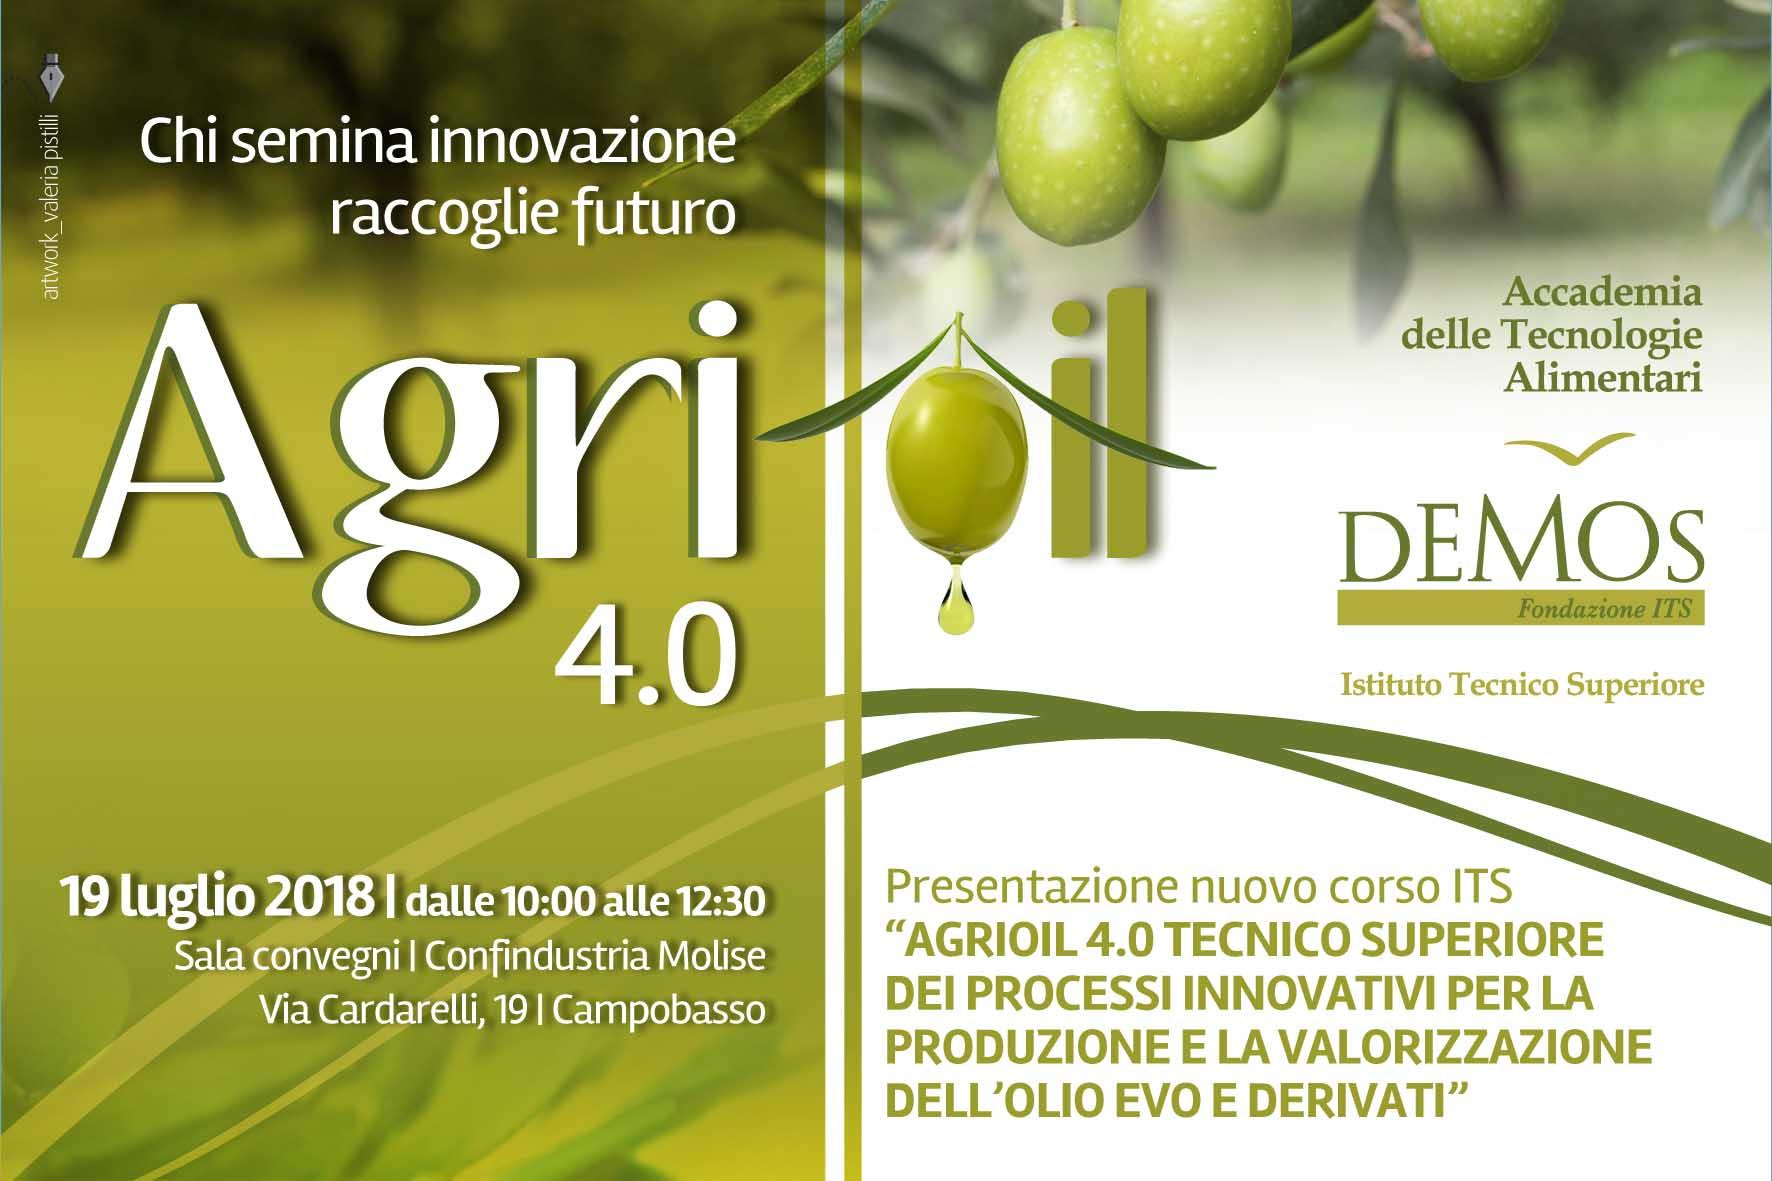 LAVORO – ITS D.E.Mo.S., al via il nuovo corso AgriOil 4.0